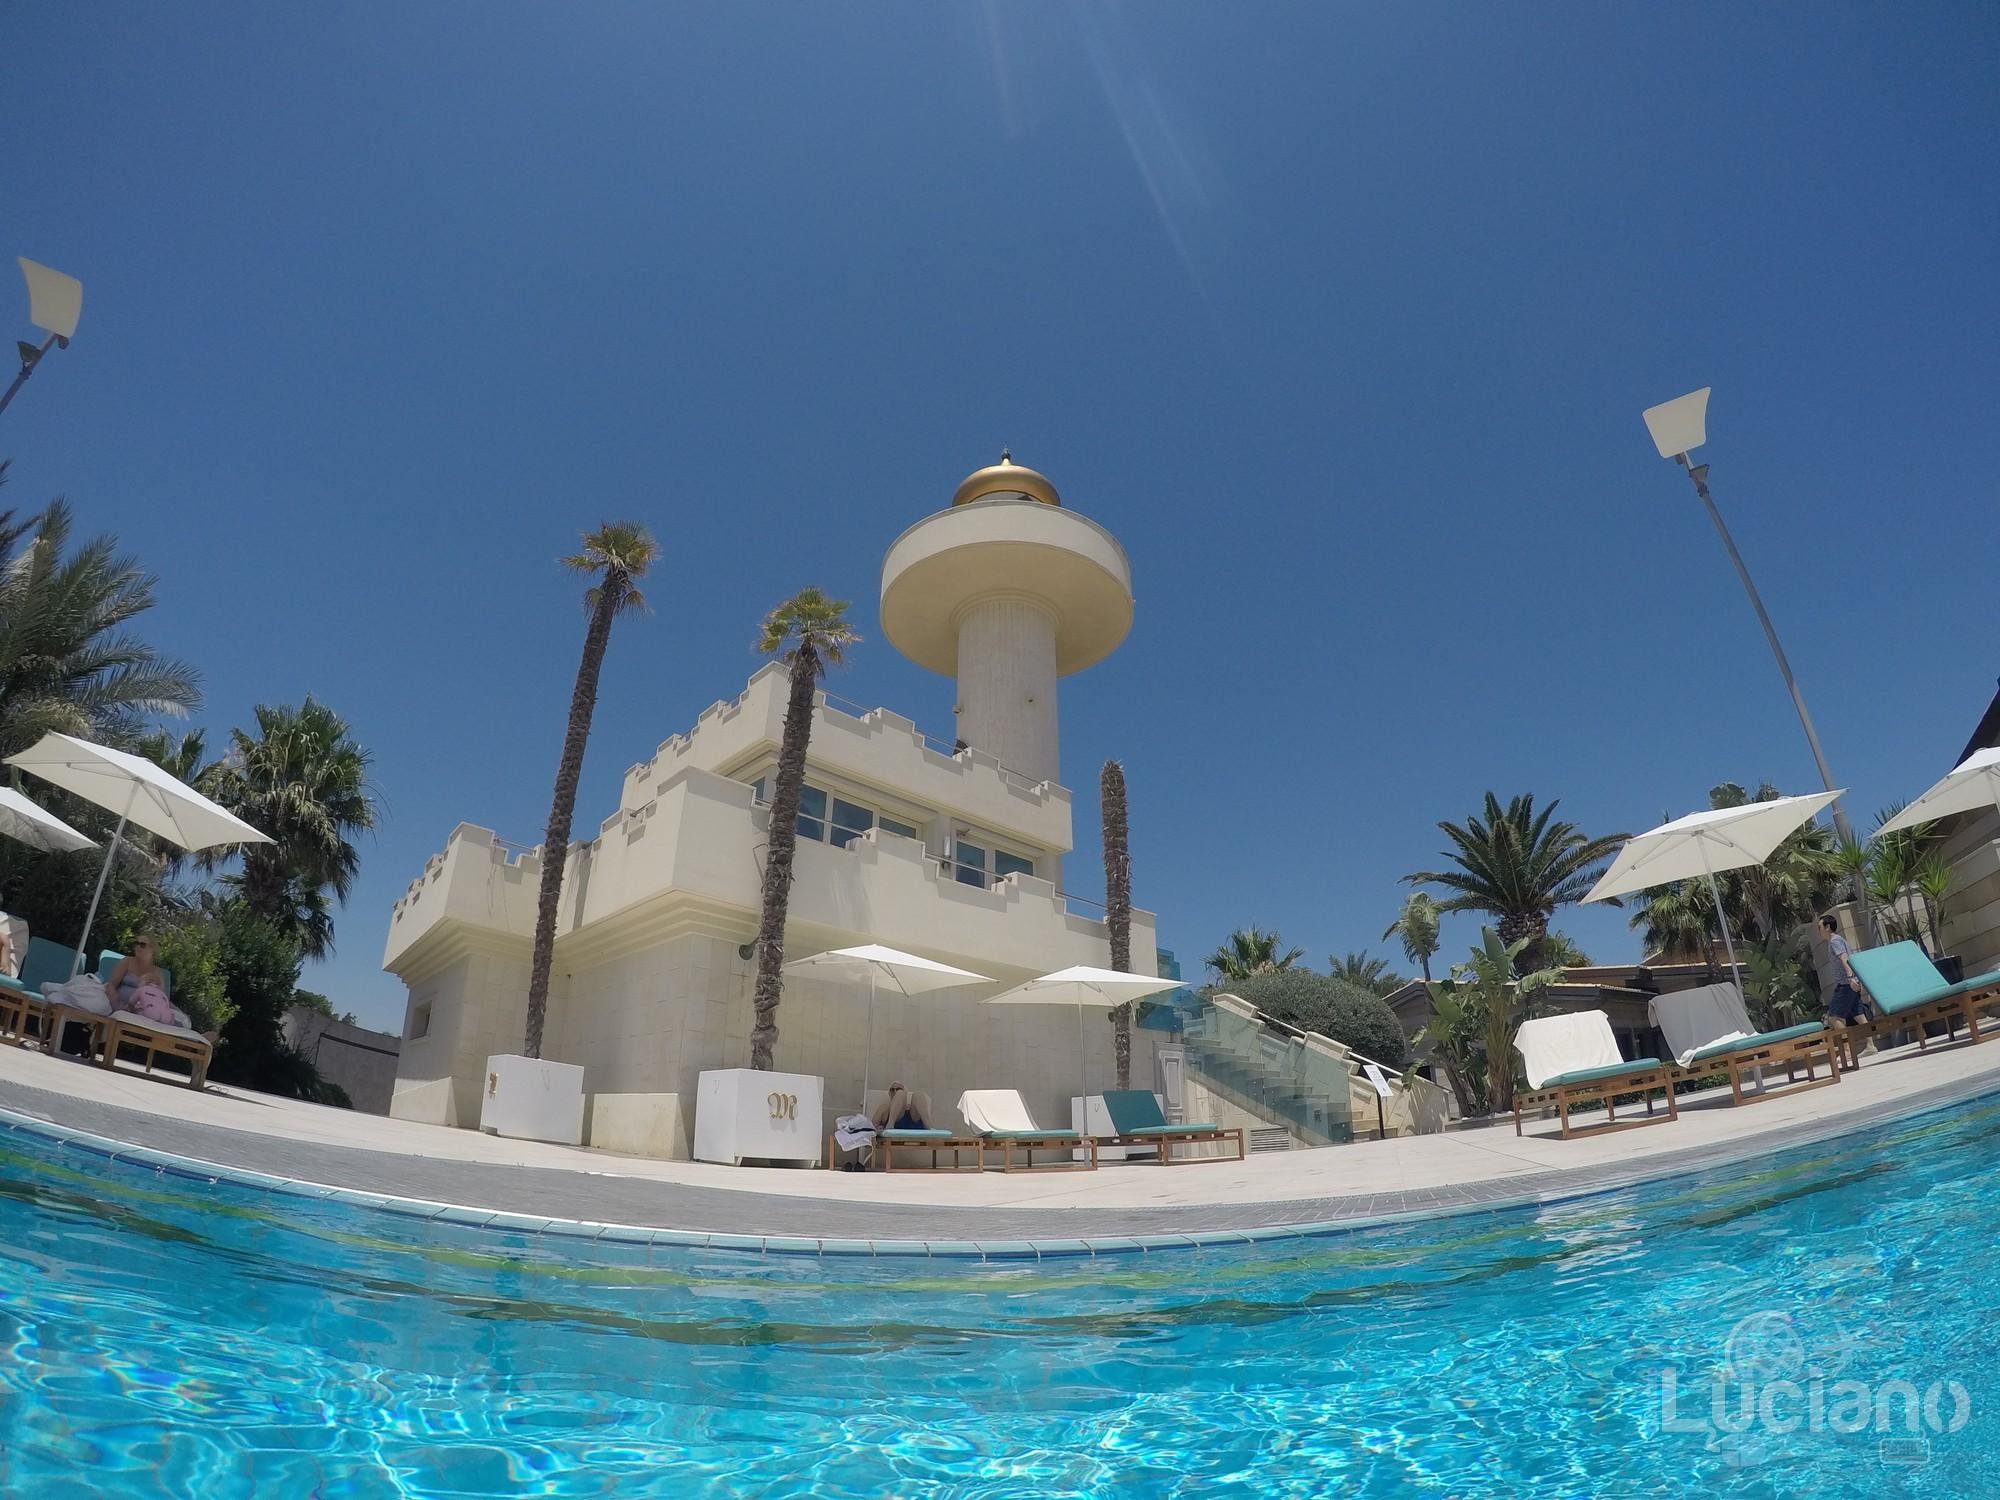 Grand Hotel - Minareto - in giro per il resort - Minareto dalla piscina